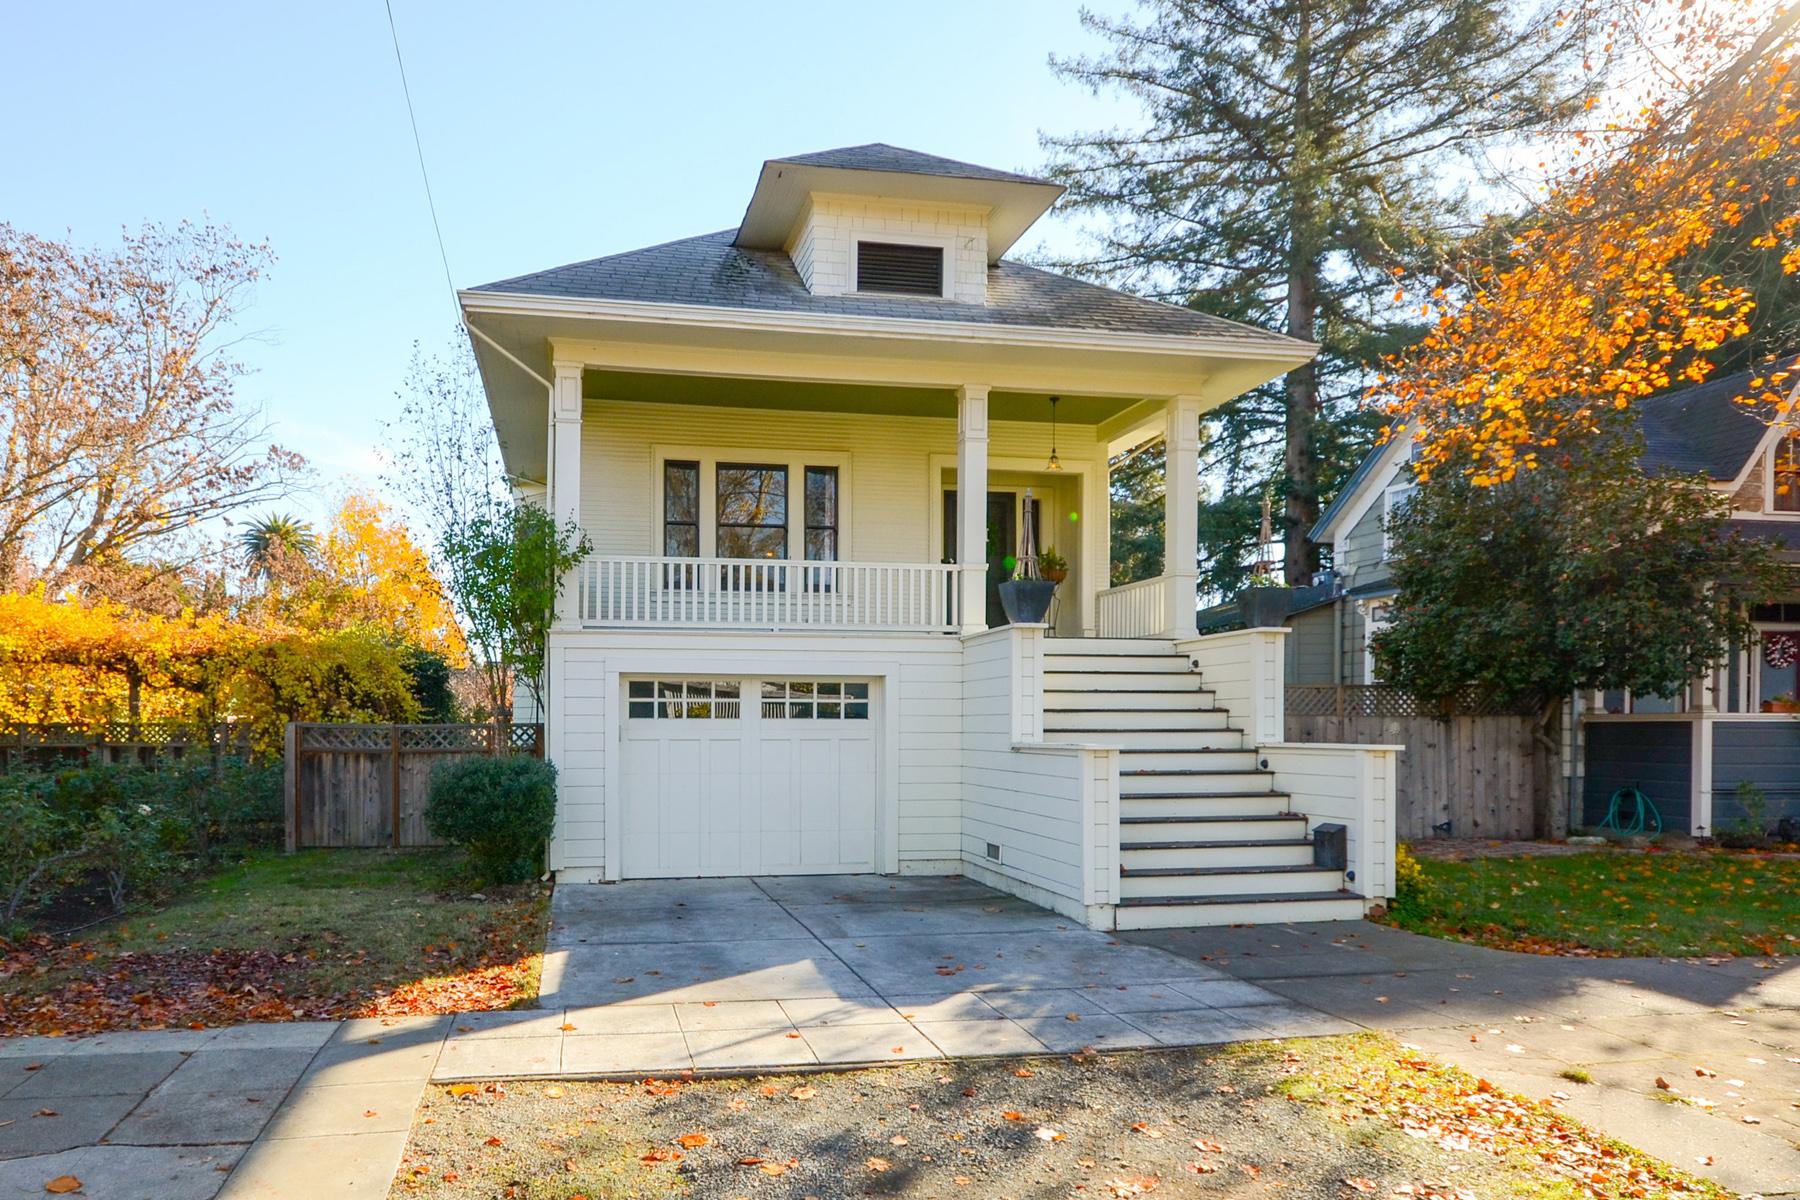 Casa Unifamiliar por un Venta en 466 Franklin St, Napa, CA 94559 466 Franklin St Napa, California, 94559 Estados Unidos